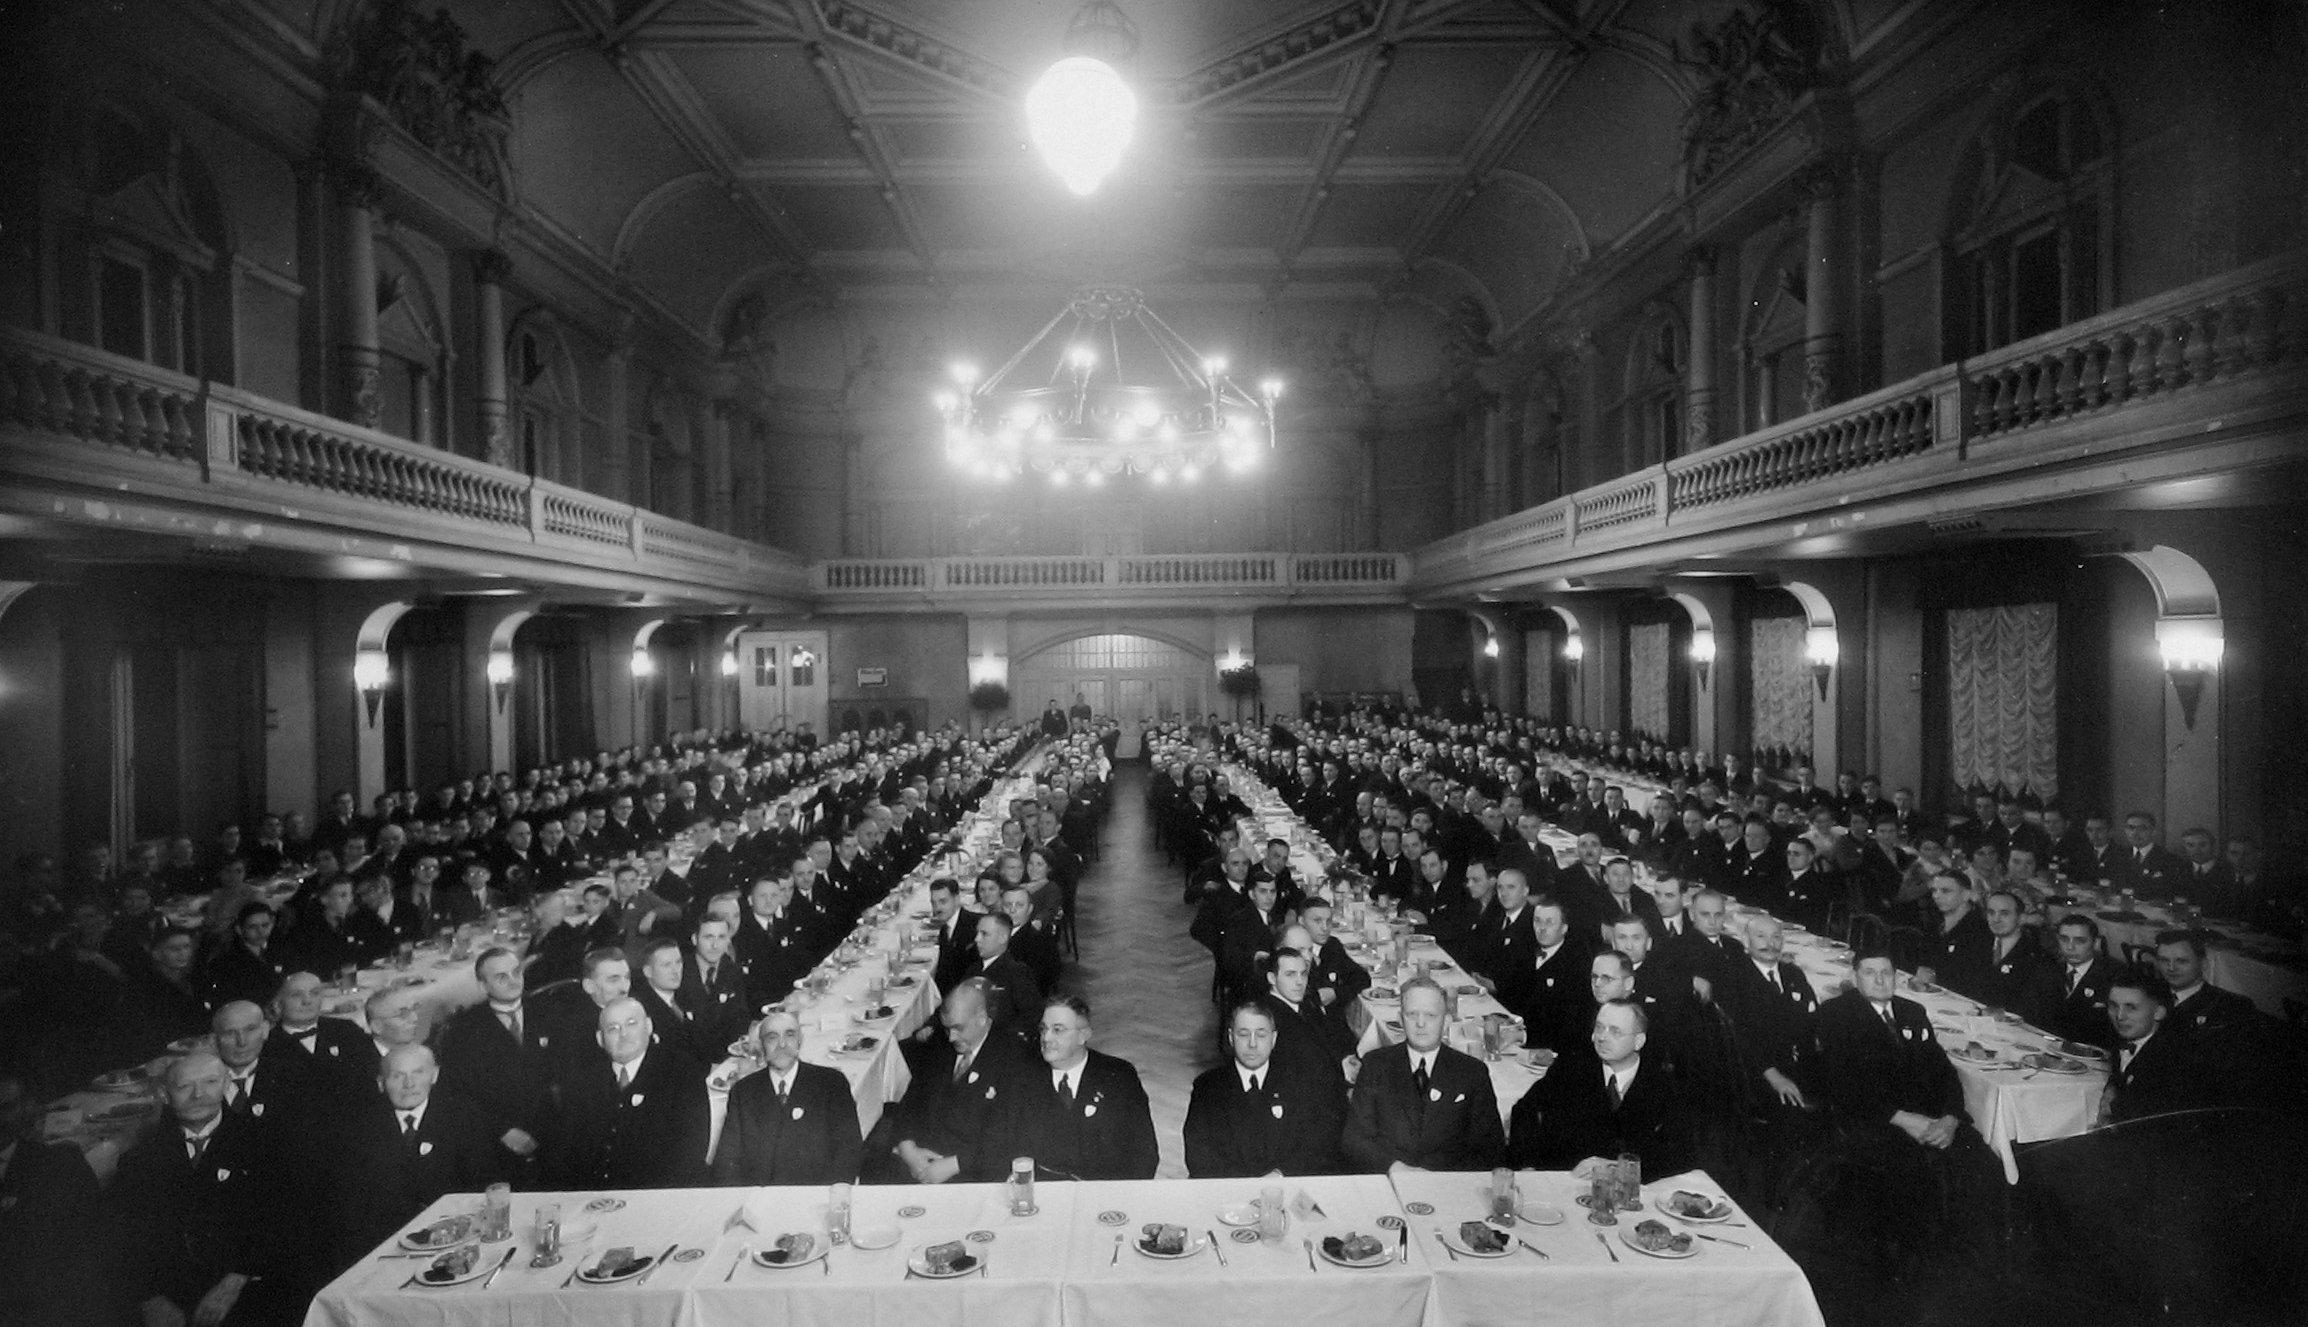 Bode Panzer Betriebsversammlung um 1930